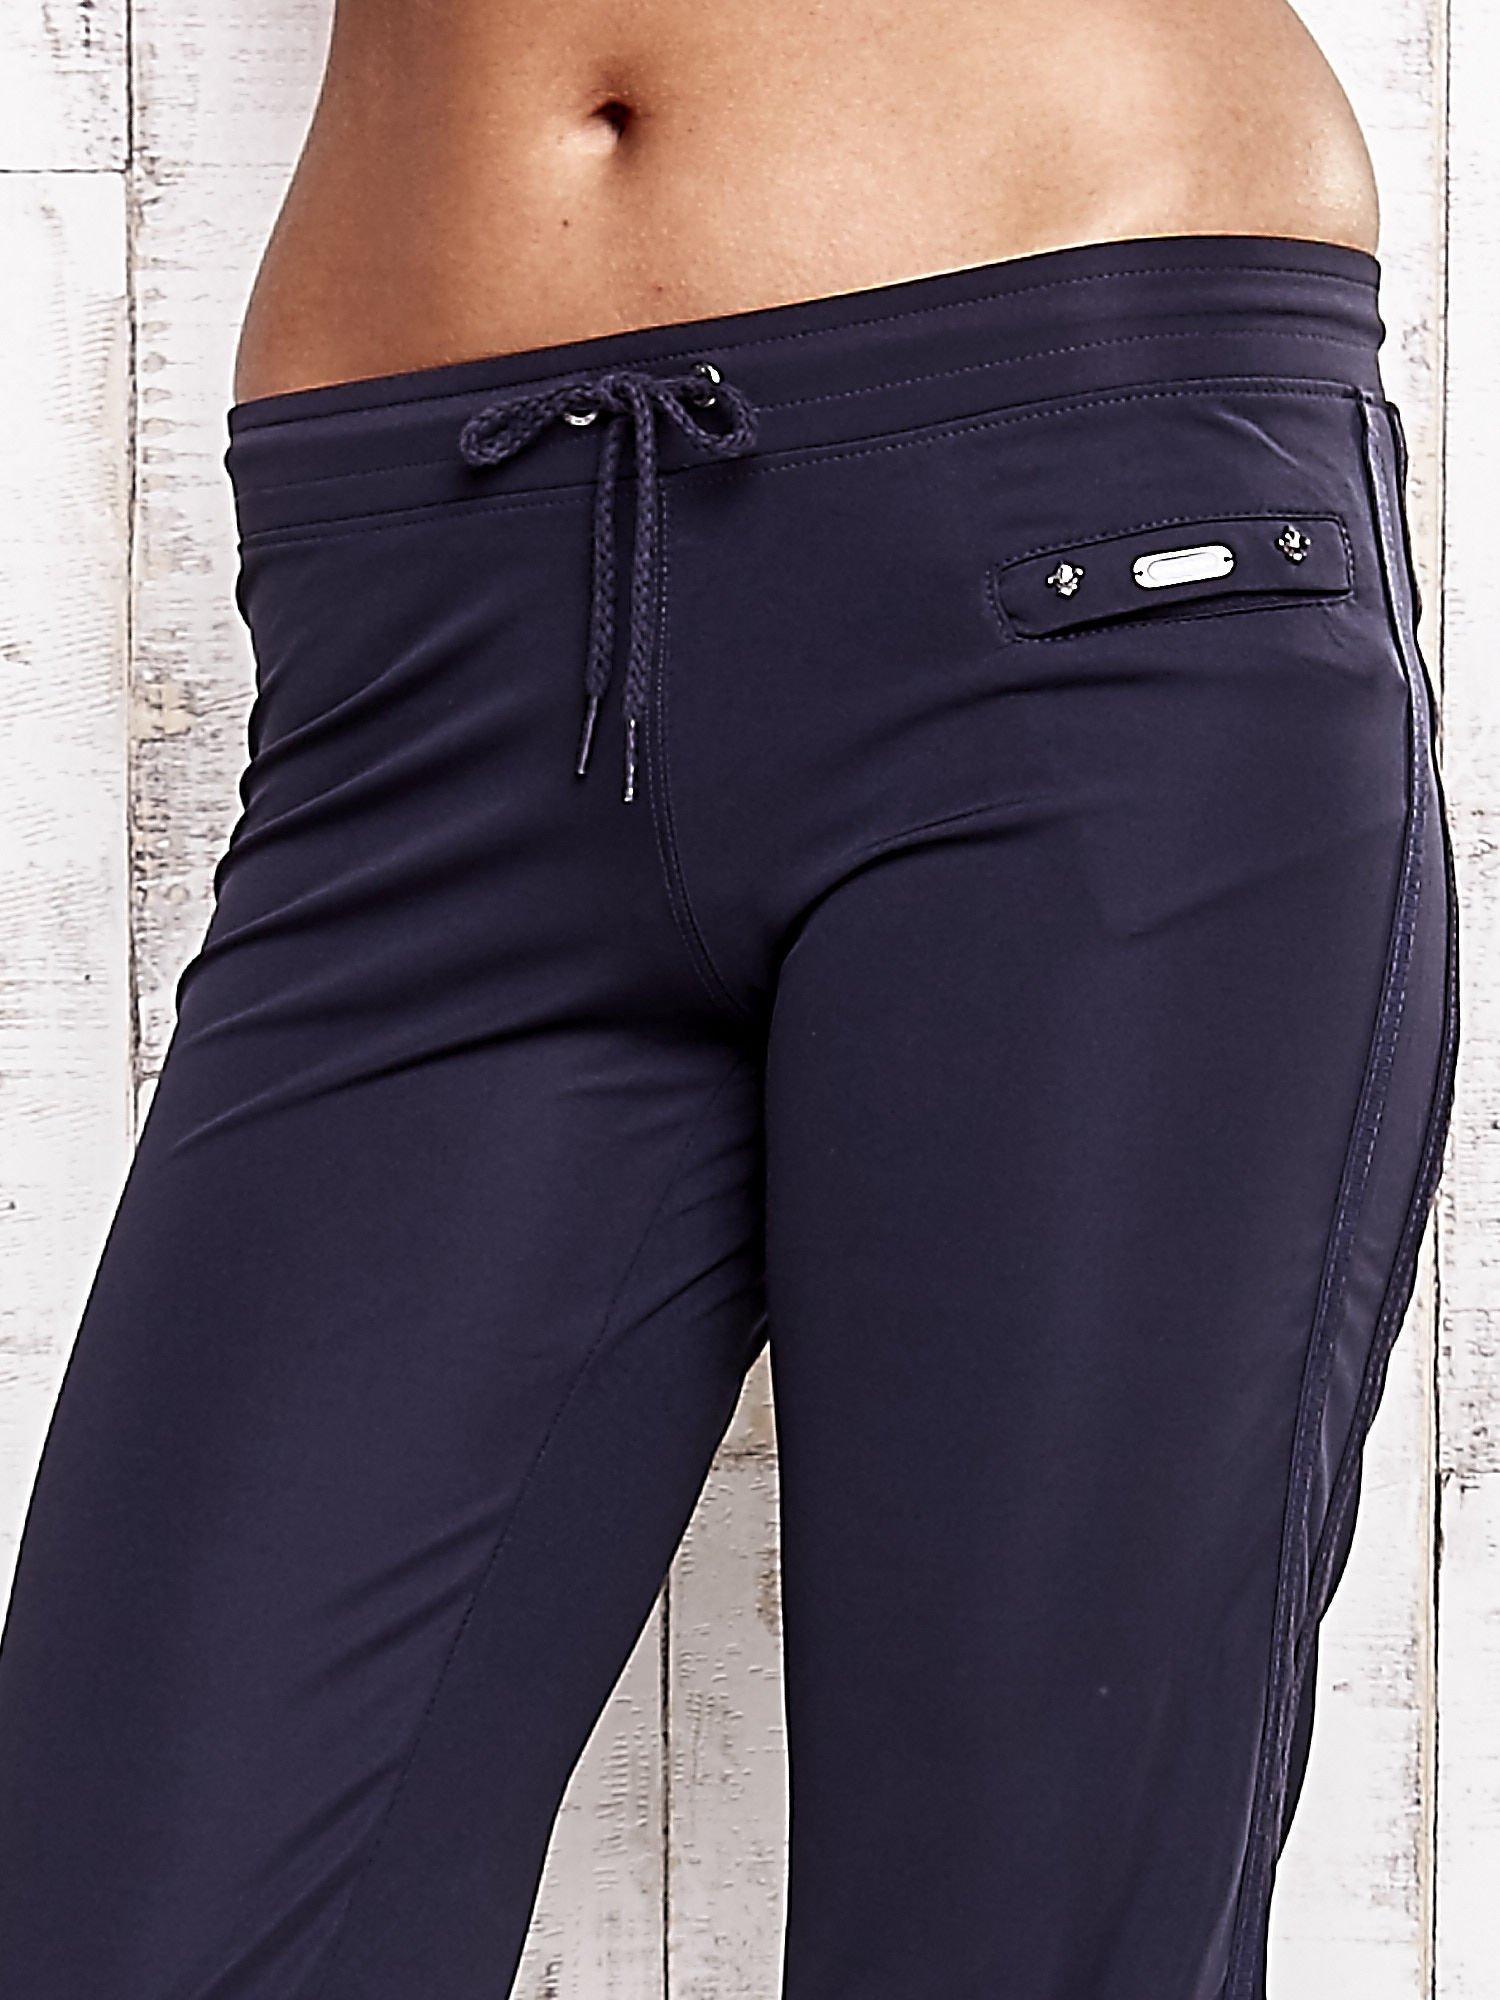 Grafitowe spodnie dresowe z kieszonką na suwak                                  zdj.                                  4